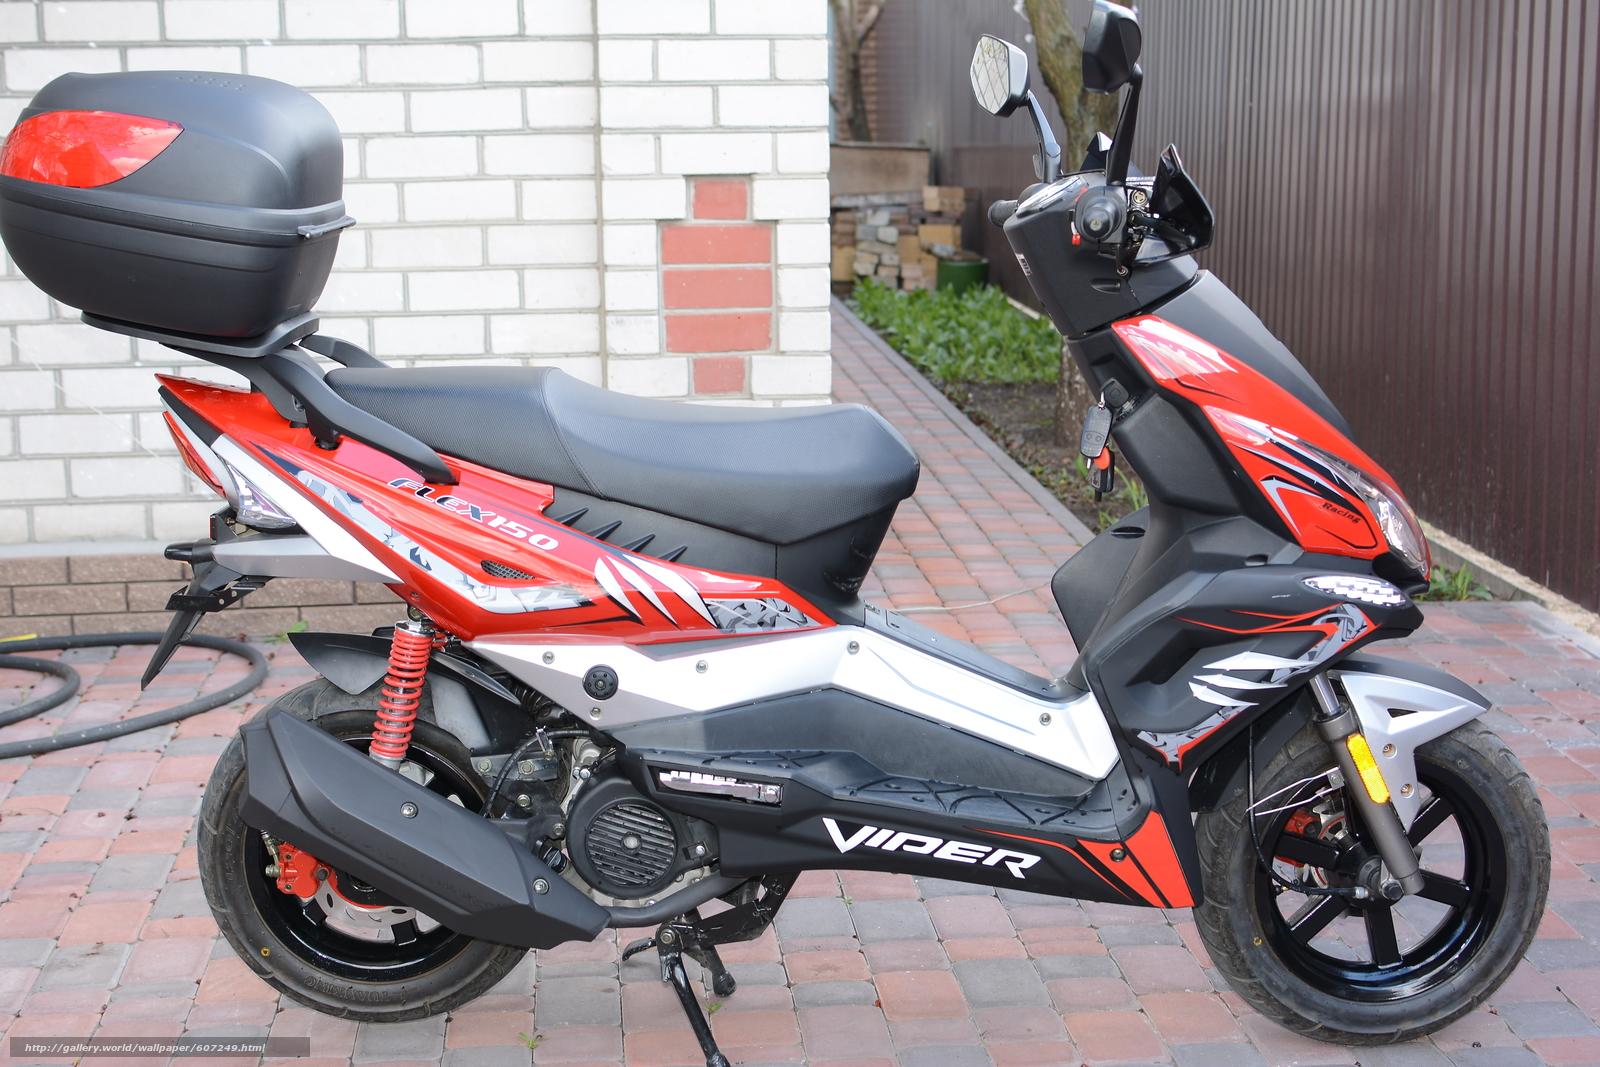 Tlcharger Fond d'ecran VIPER FLEX VP150M,  scooter,  scooter Fonds d'ecran gratuits pour votre rsolution du bureau 6000x4000 — image №607249